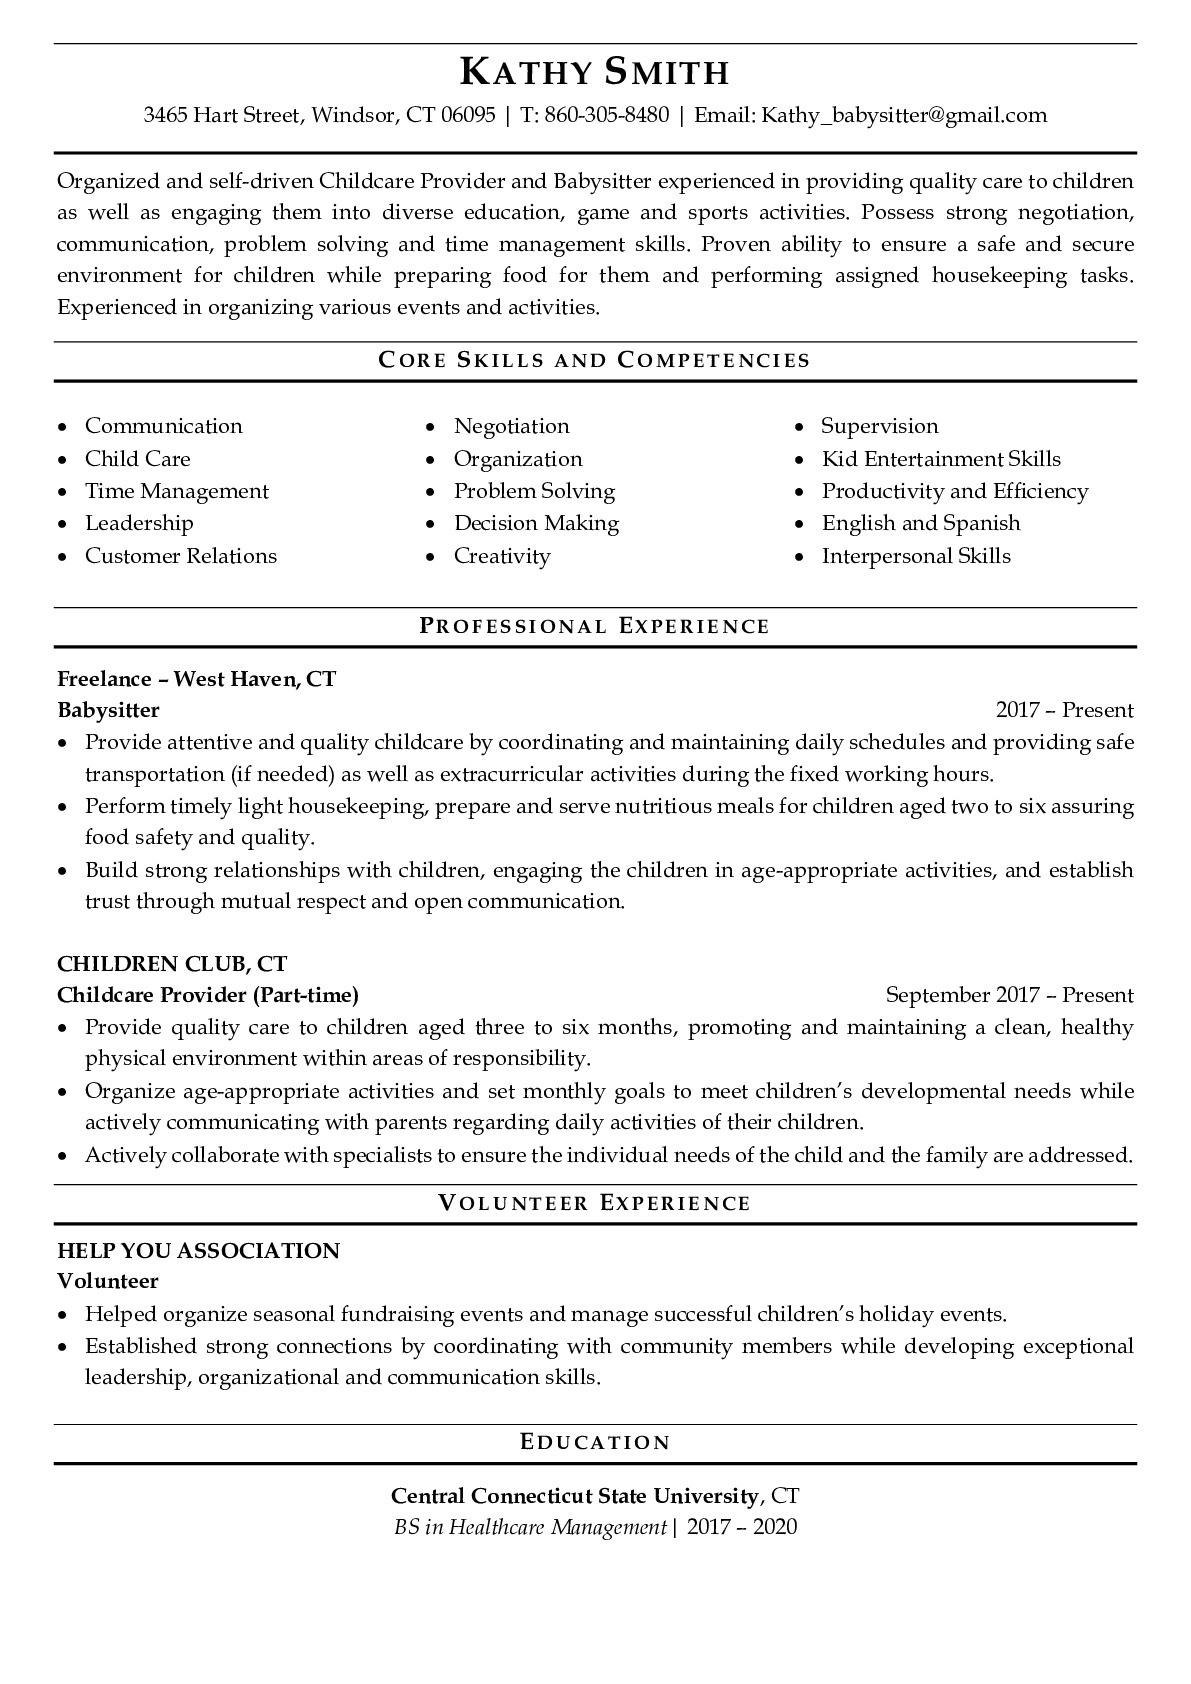 Resume Example for Babysitter